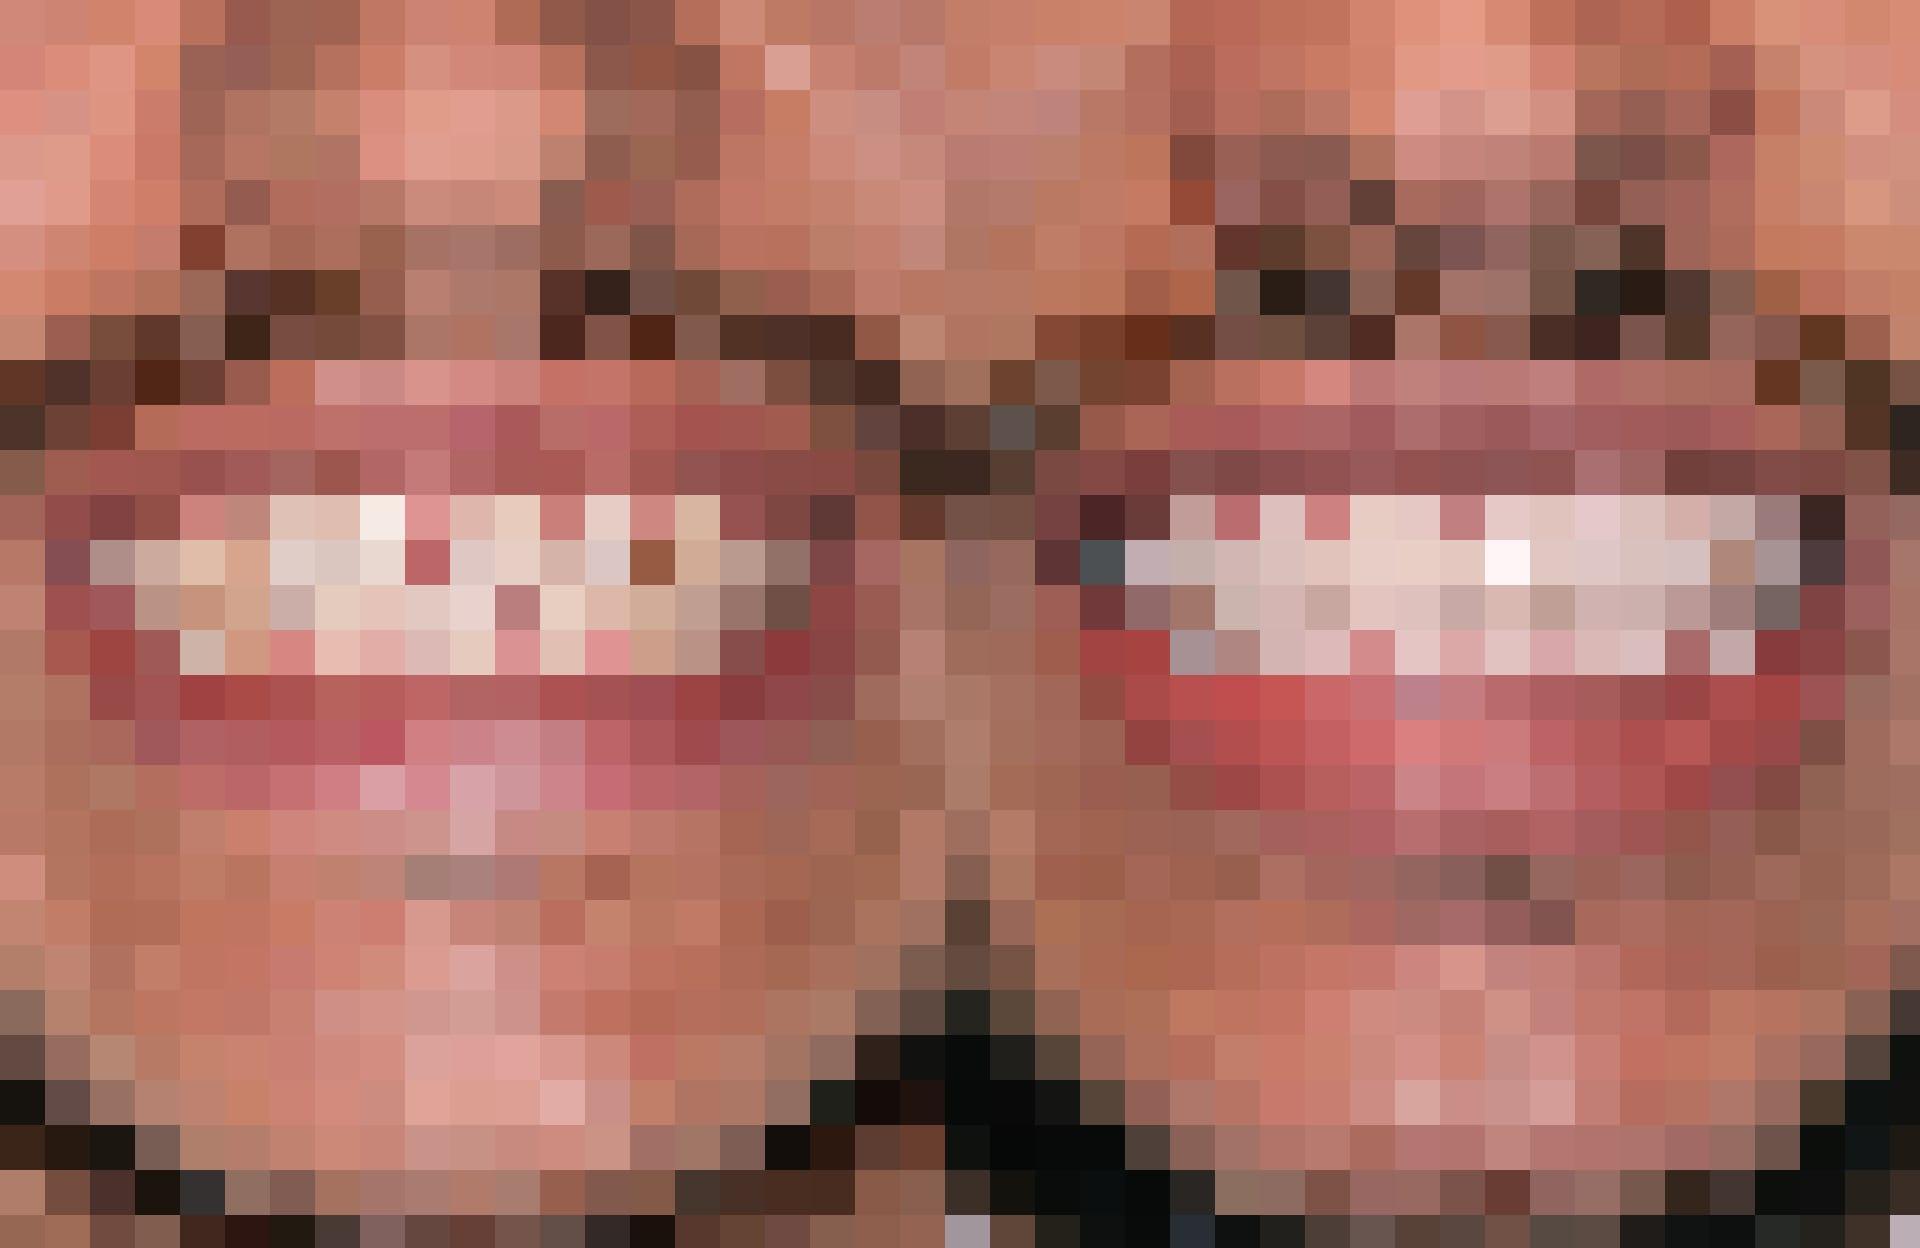 Avec des facettes, ton sourire devient bien plus radieux. Et l'effet visuel est tout à fait naturel!